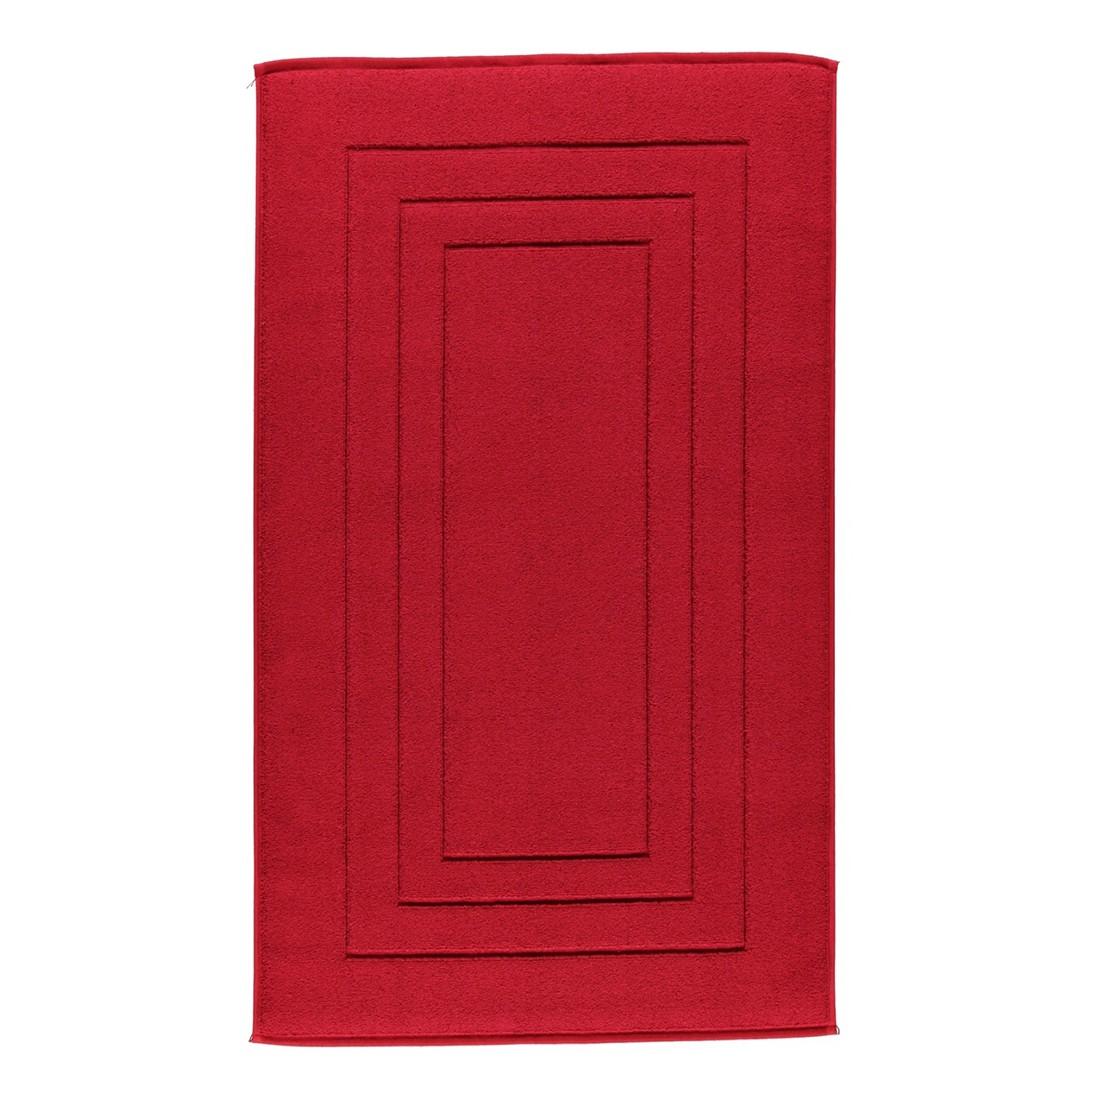 Badteppich Calypso Feeling – 100% Baumwolle rubin – 390 – Toilettenvorlage: 59 x 59 cm, Vossen günstig kaufen